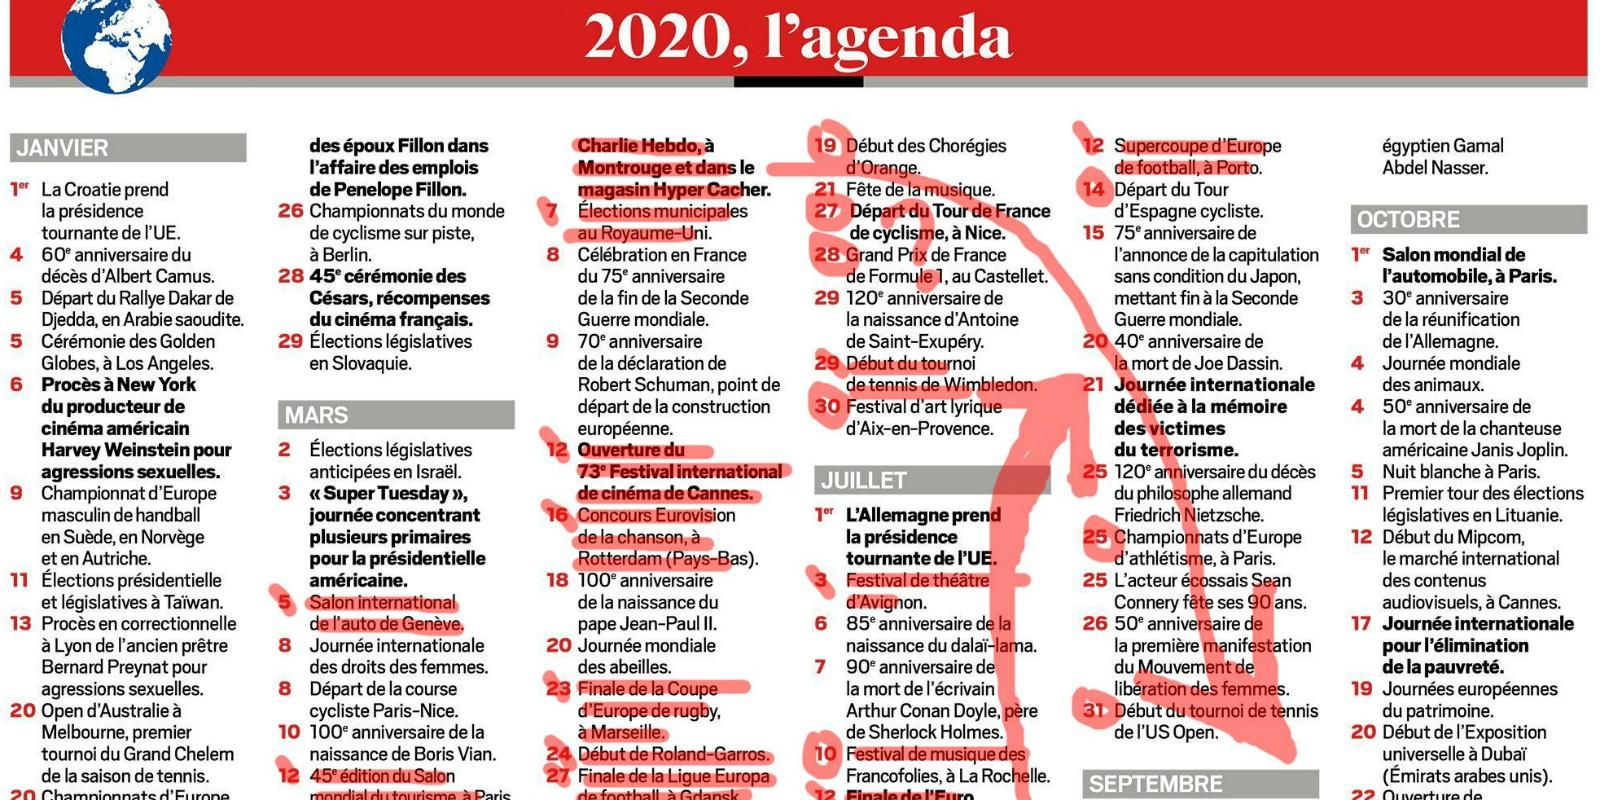 Calendrier Feria 2021 Coronavirus : événements maintenus, reportés ou annulés? On a revu